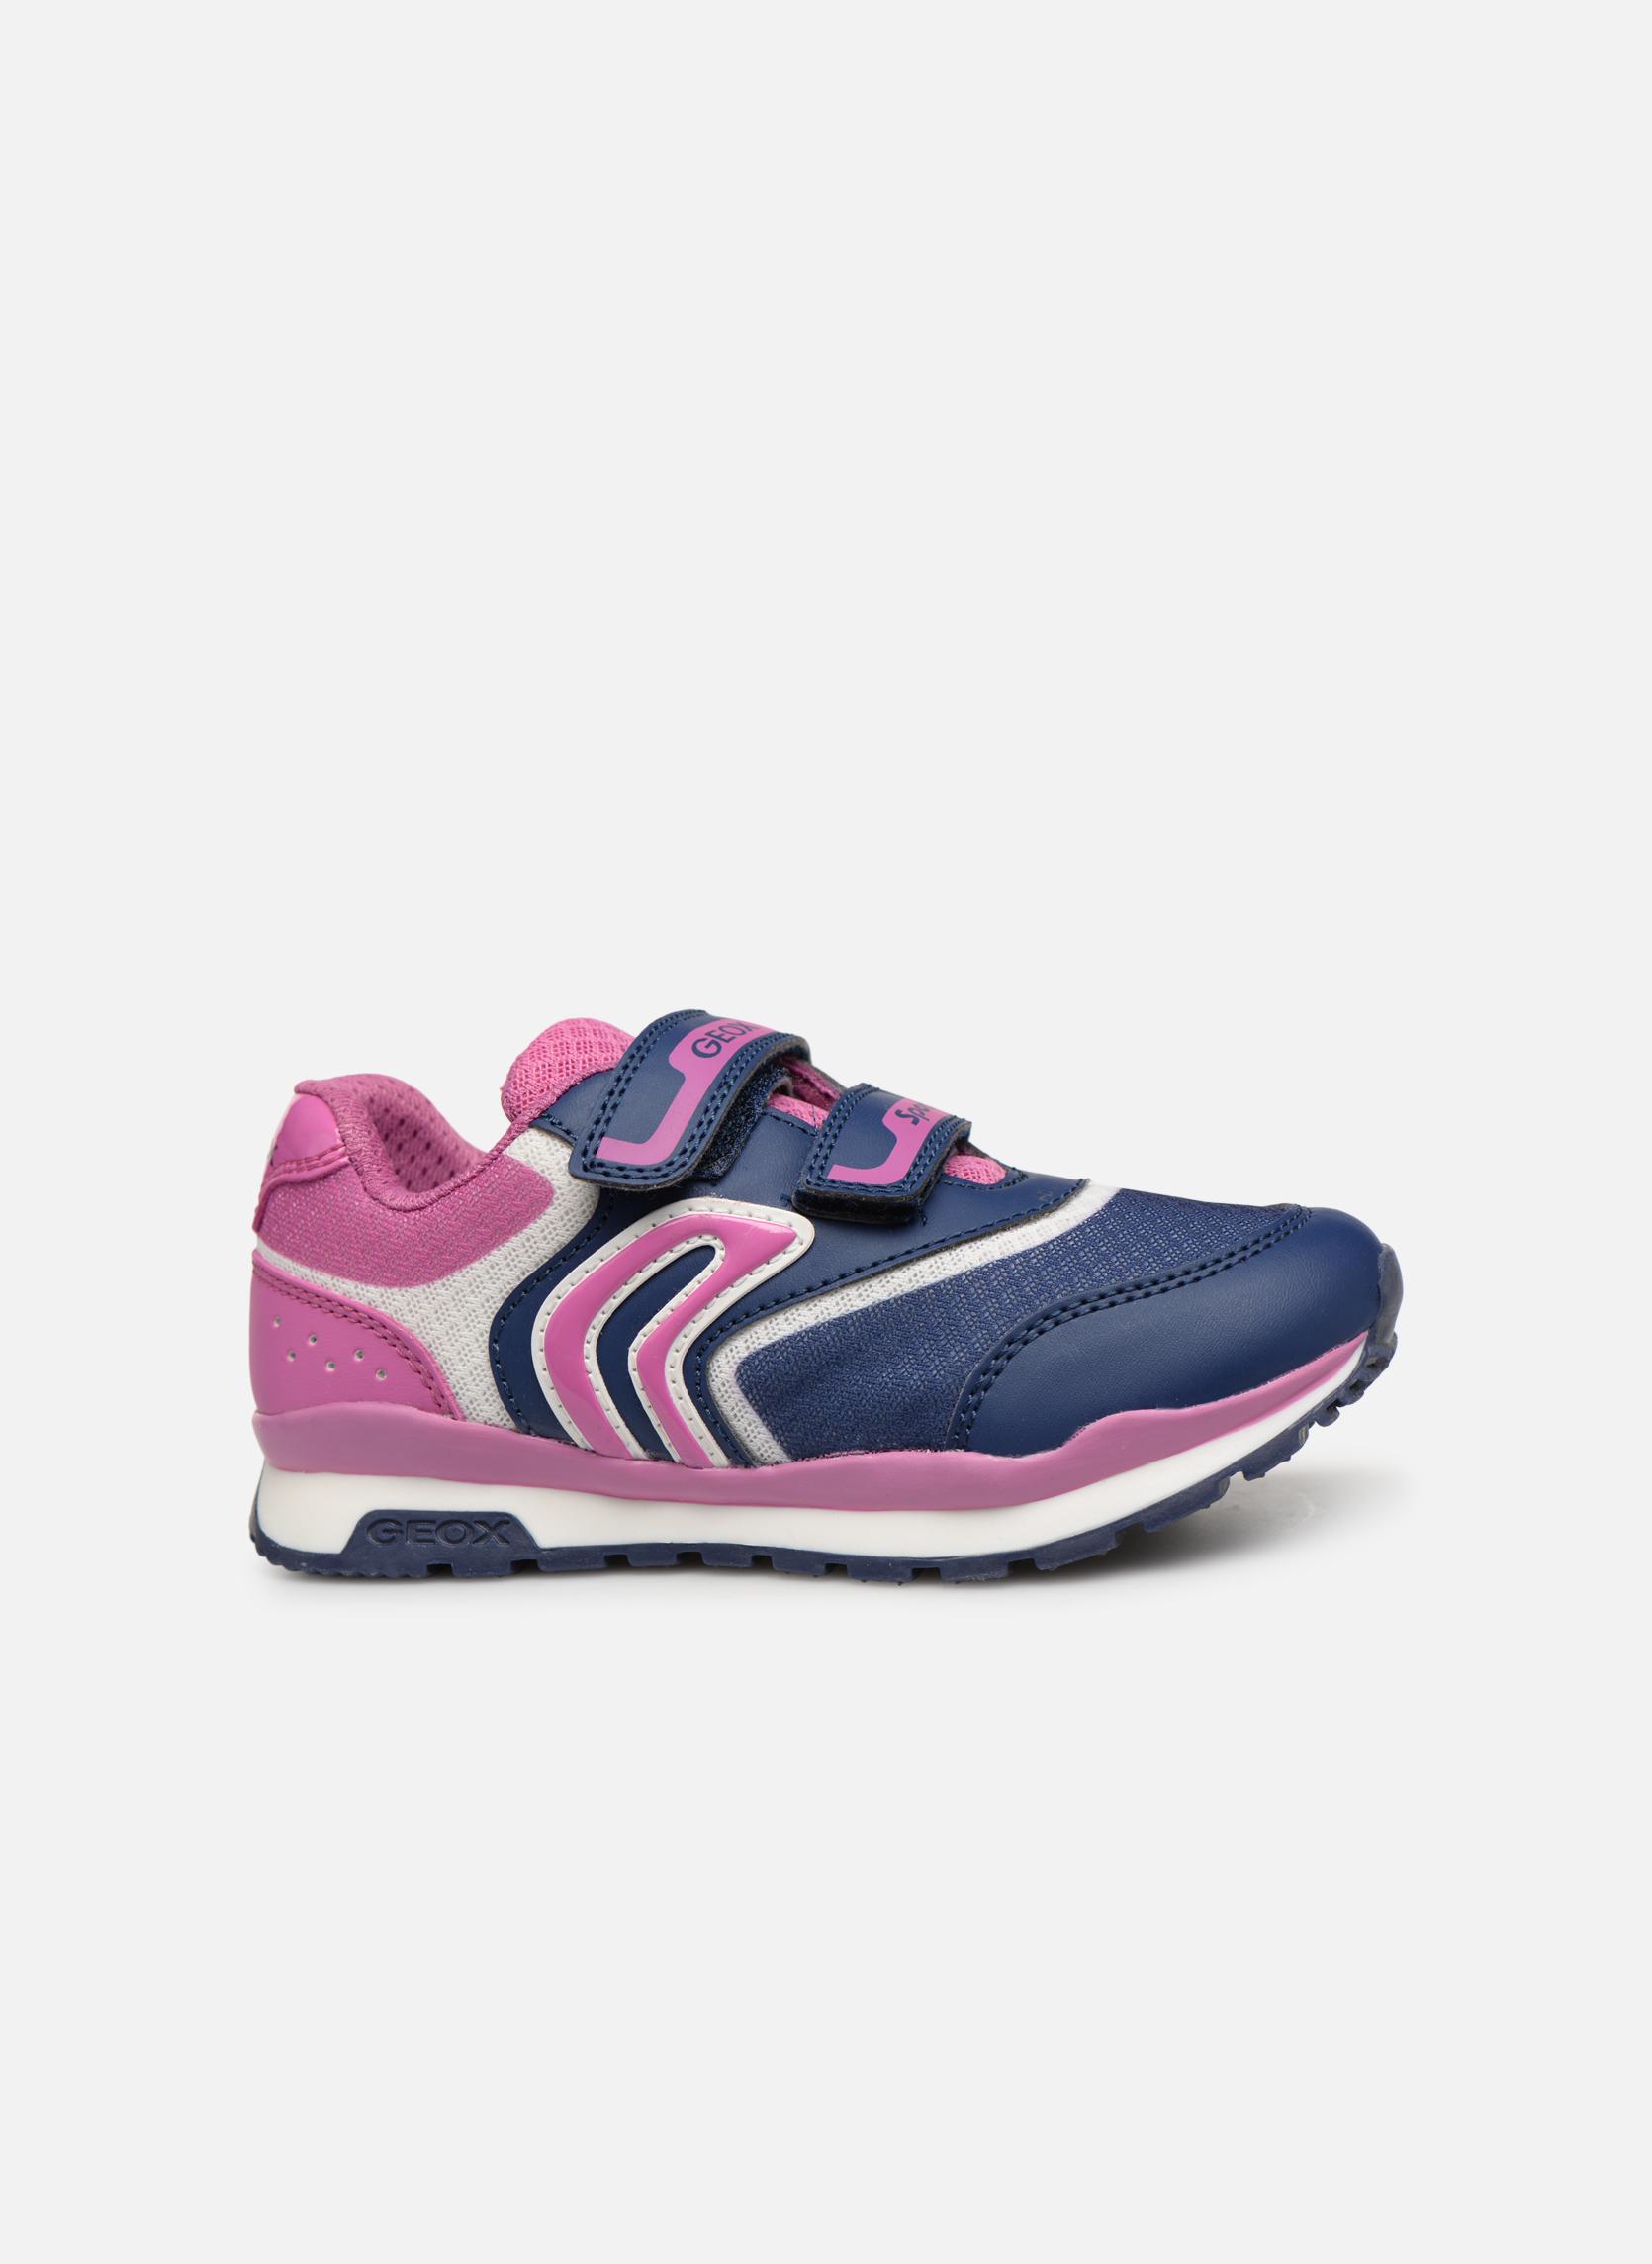 804f31dbfe8 Zapatos niños online  calzado niños